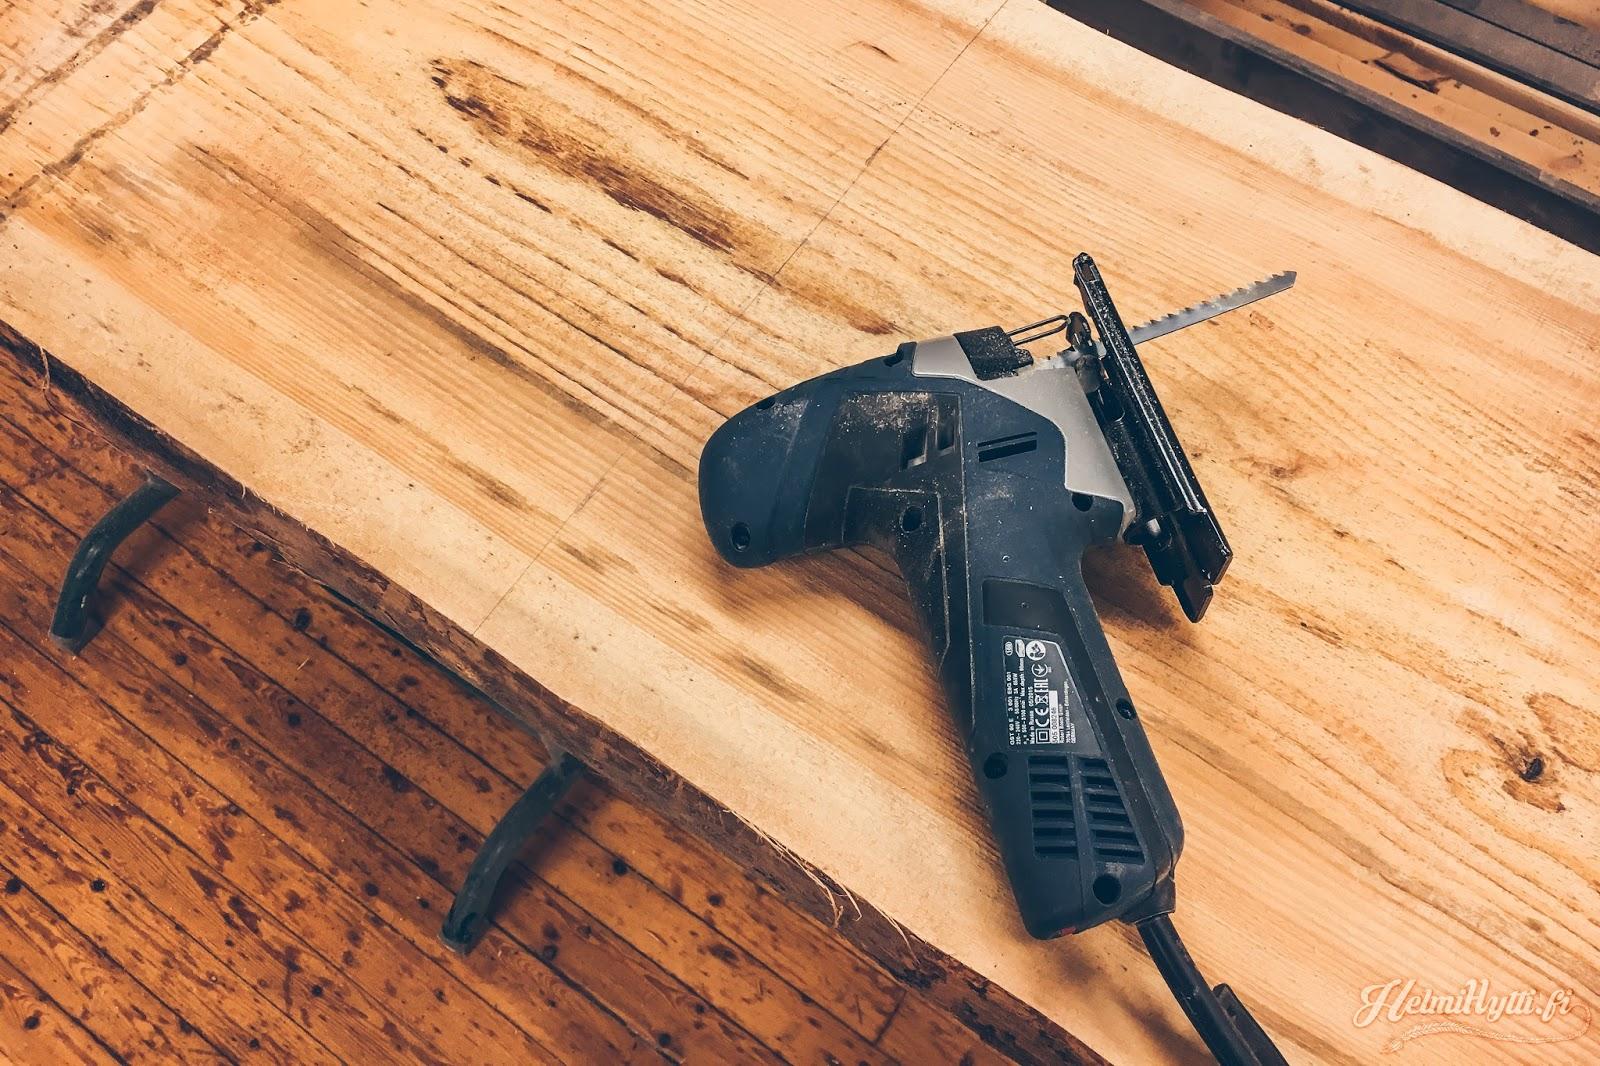 id diy sohvapöytä lankkupöytä pinnijalat mänty wood slab living edge table